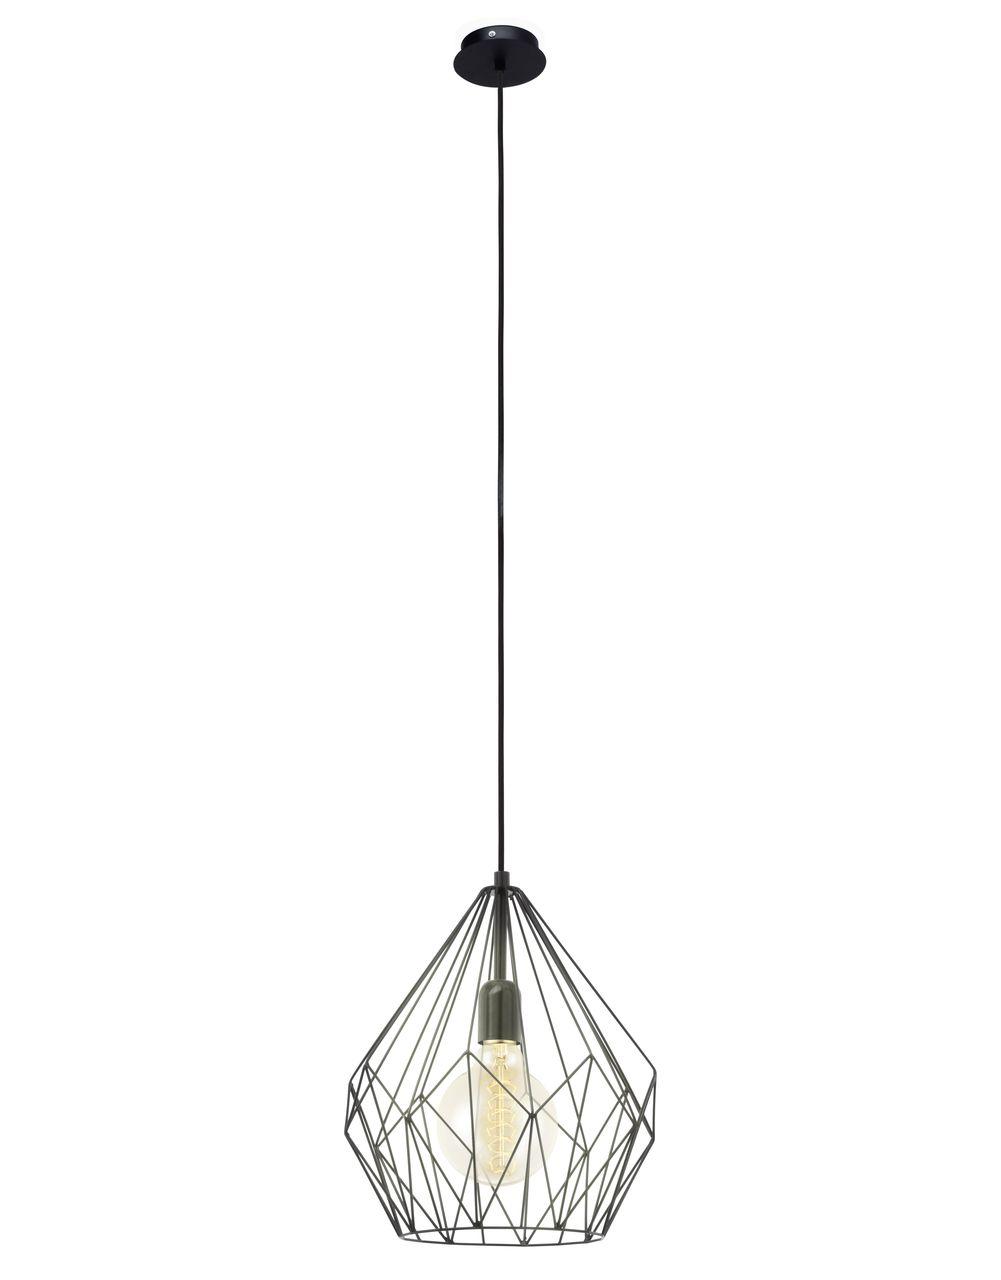 Подвесной светильник Eglo Vintage 49257 подвесной светильник eglo vintage 49224